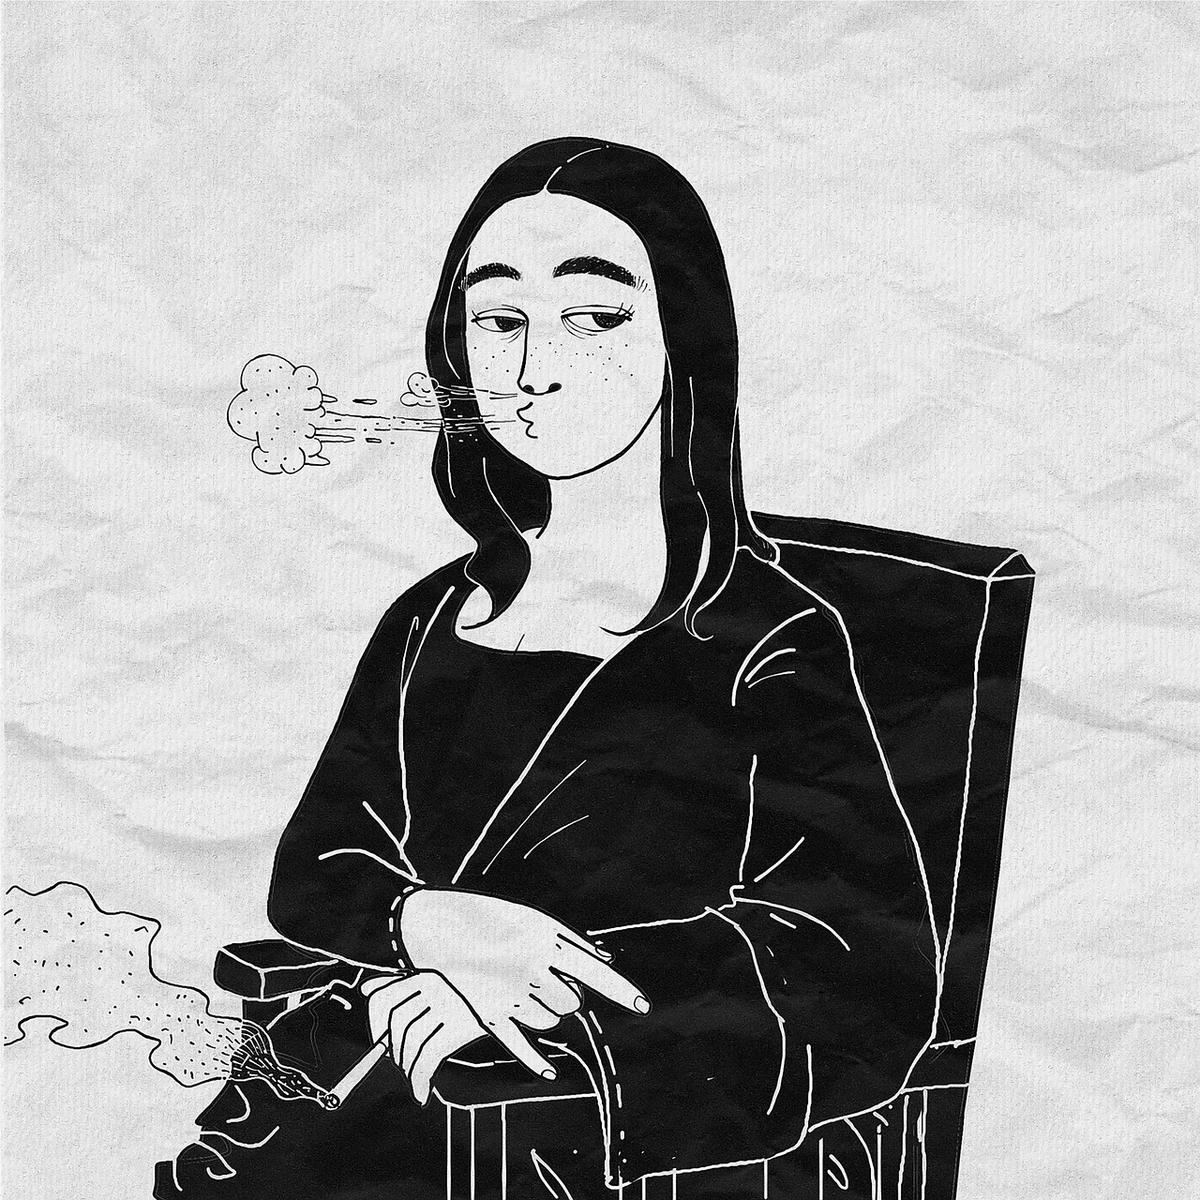 タバコを吸うモナリザ